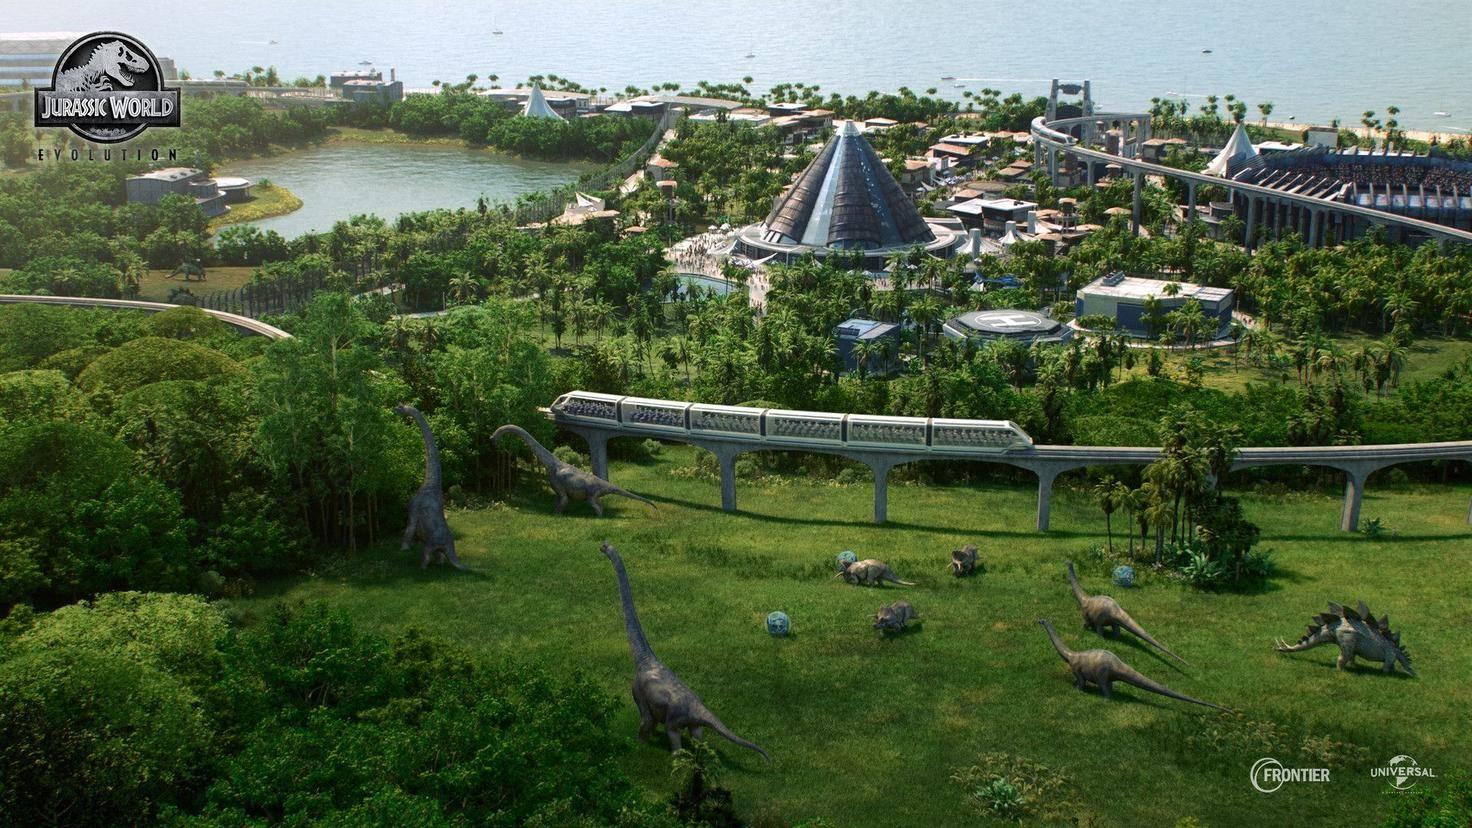 Je größer der Park, desto besser musst Du die Logistik gestalten, um Deine Besucher lässig von A nach B zu kutschieren.